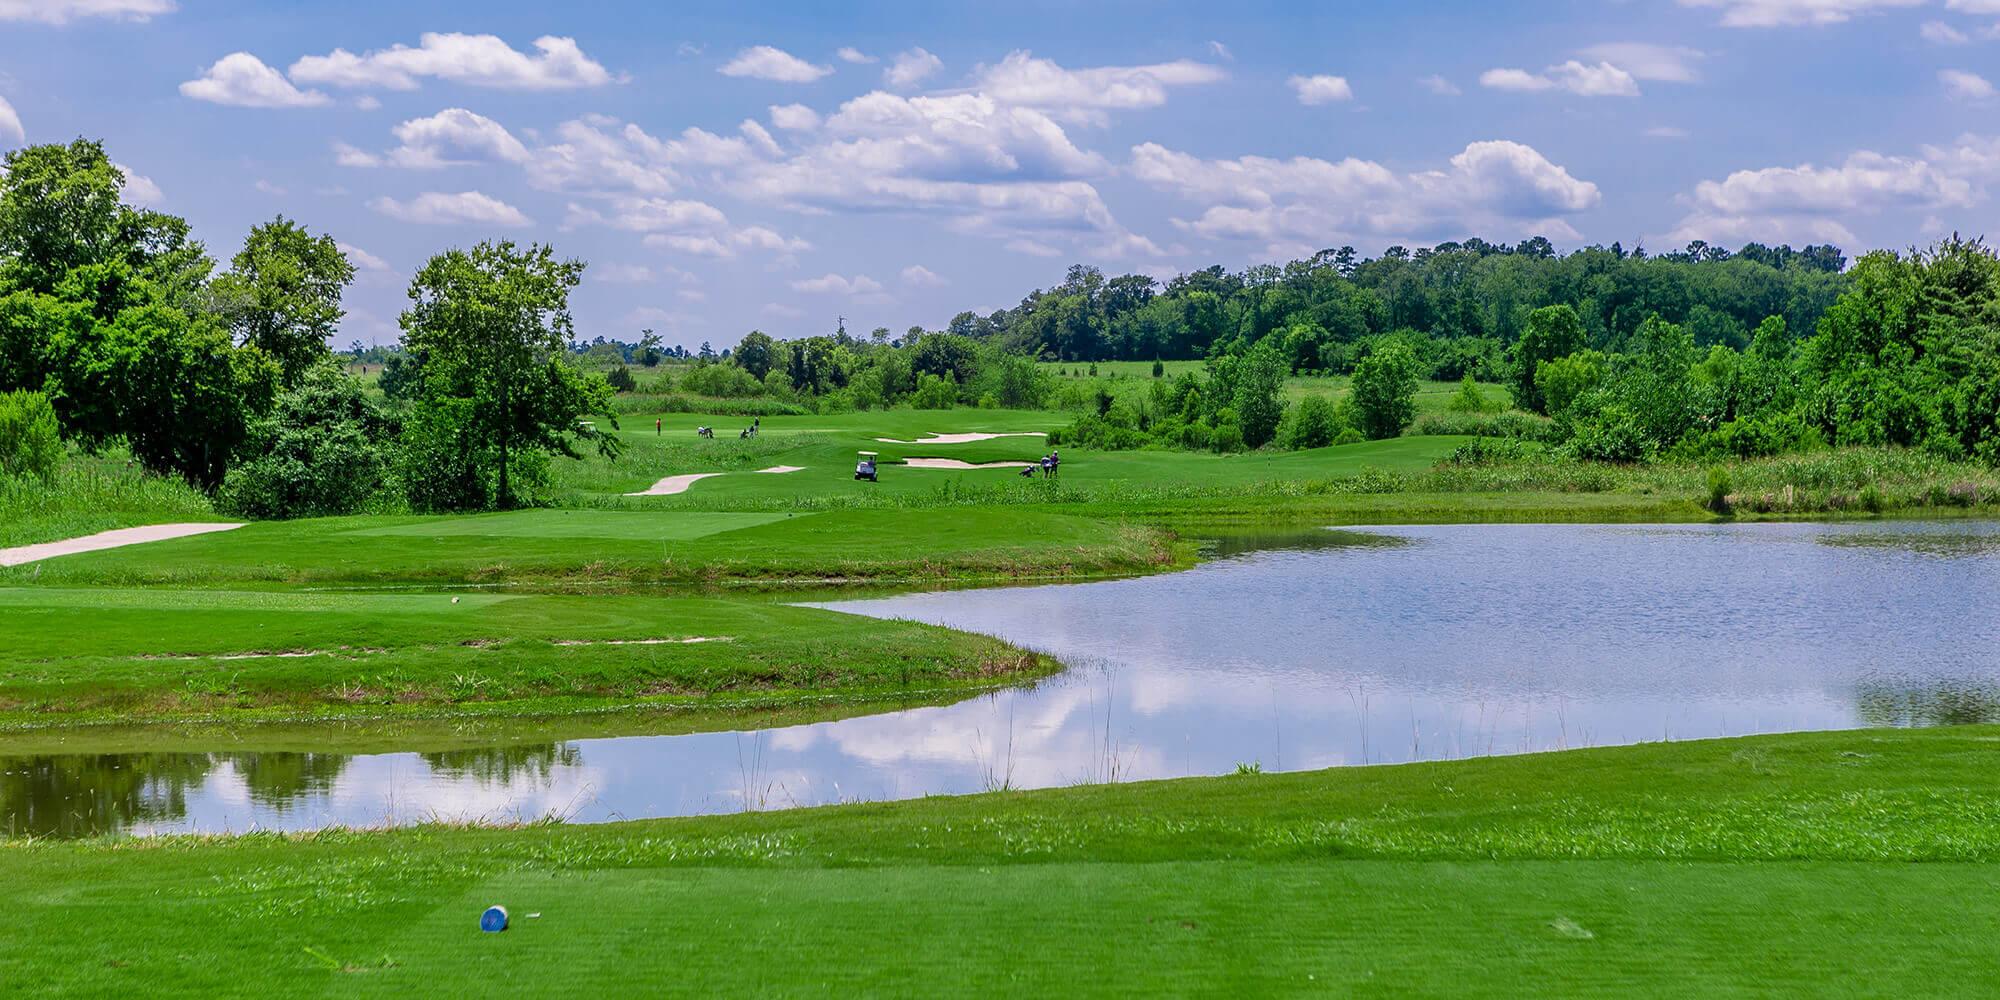 Raven Nest Golf Club - Sam Houston State University